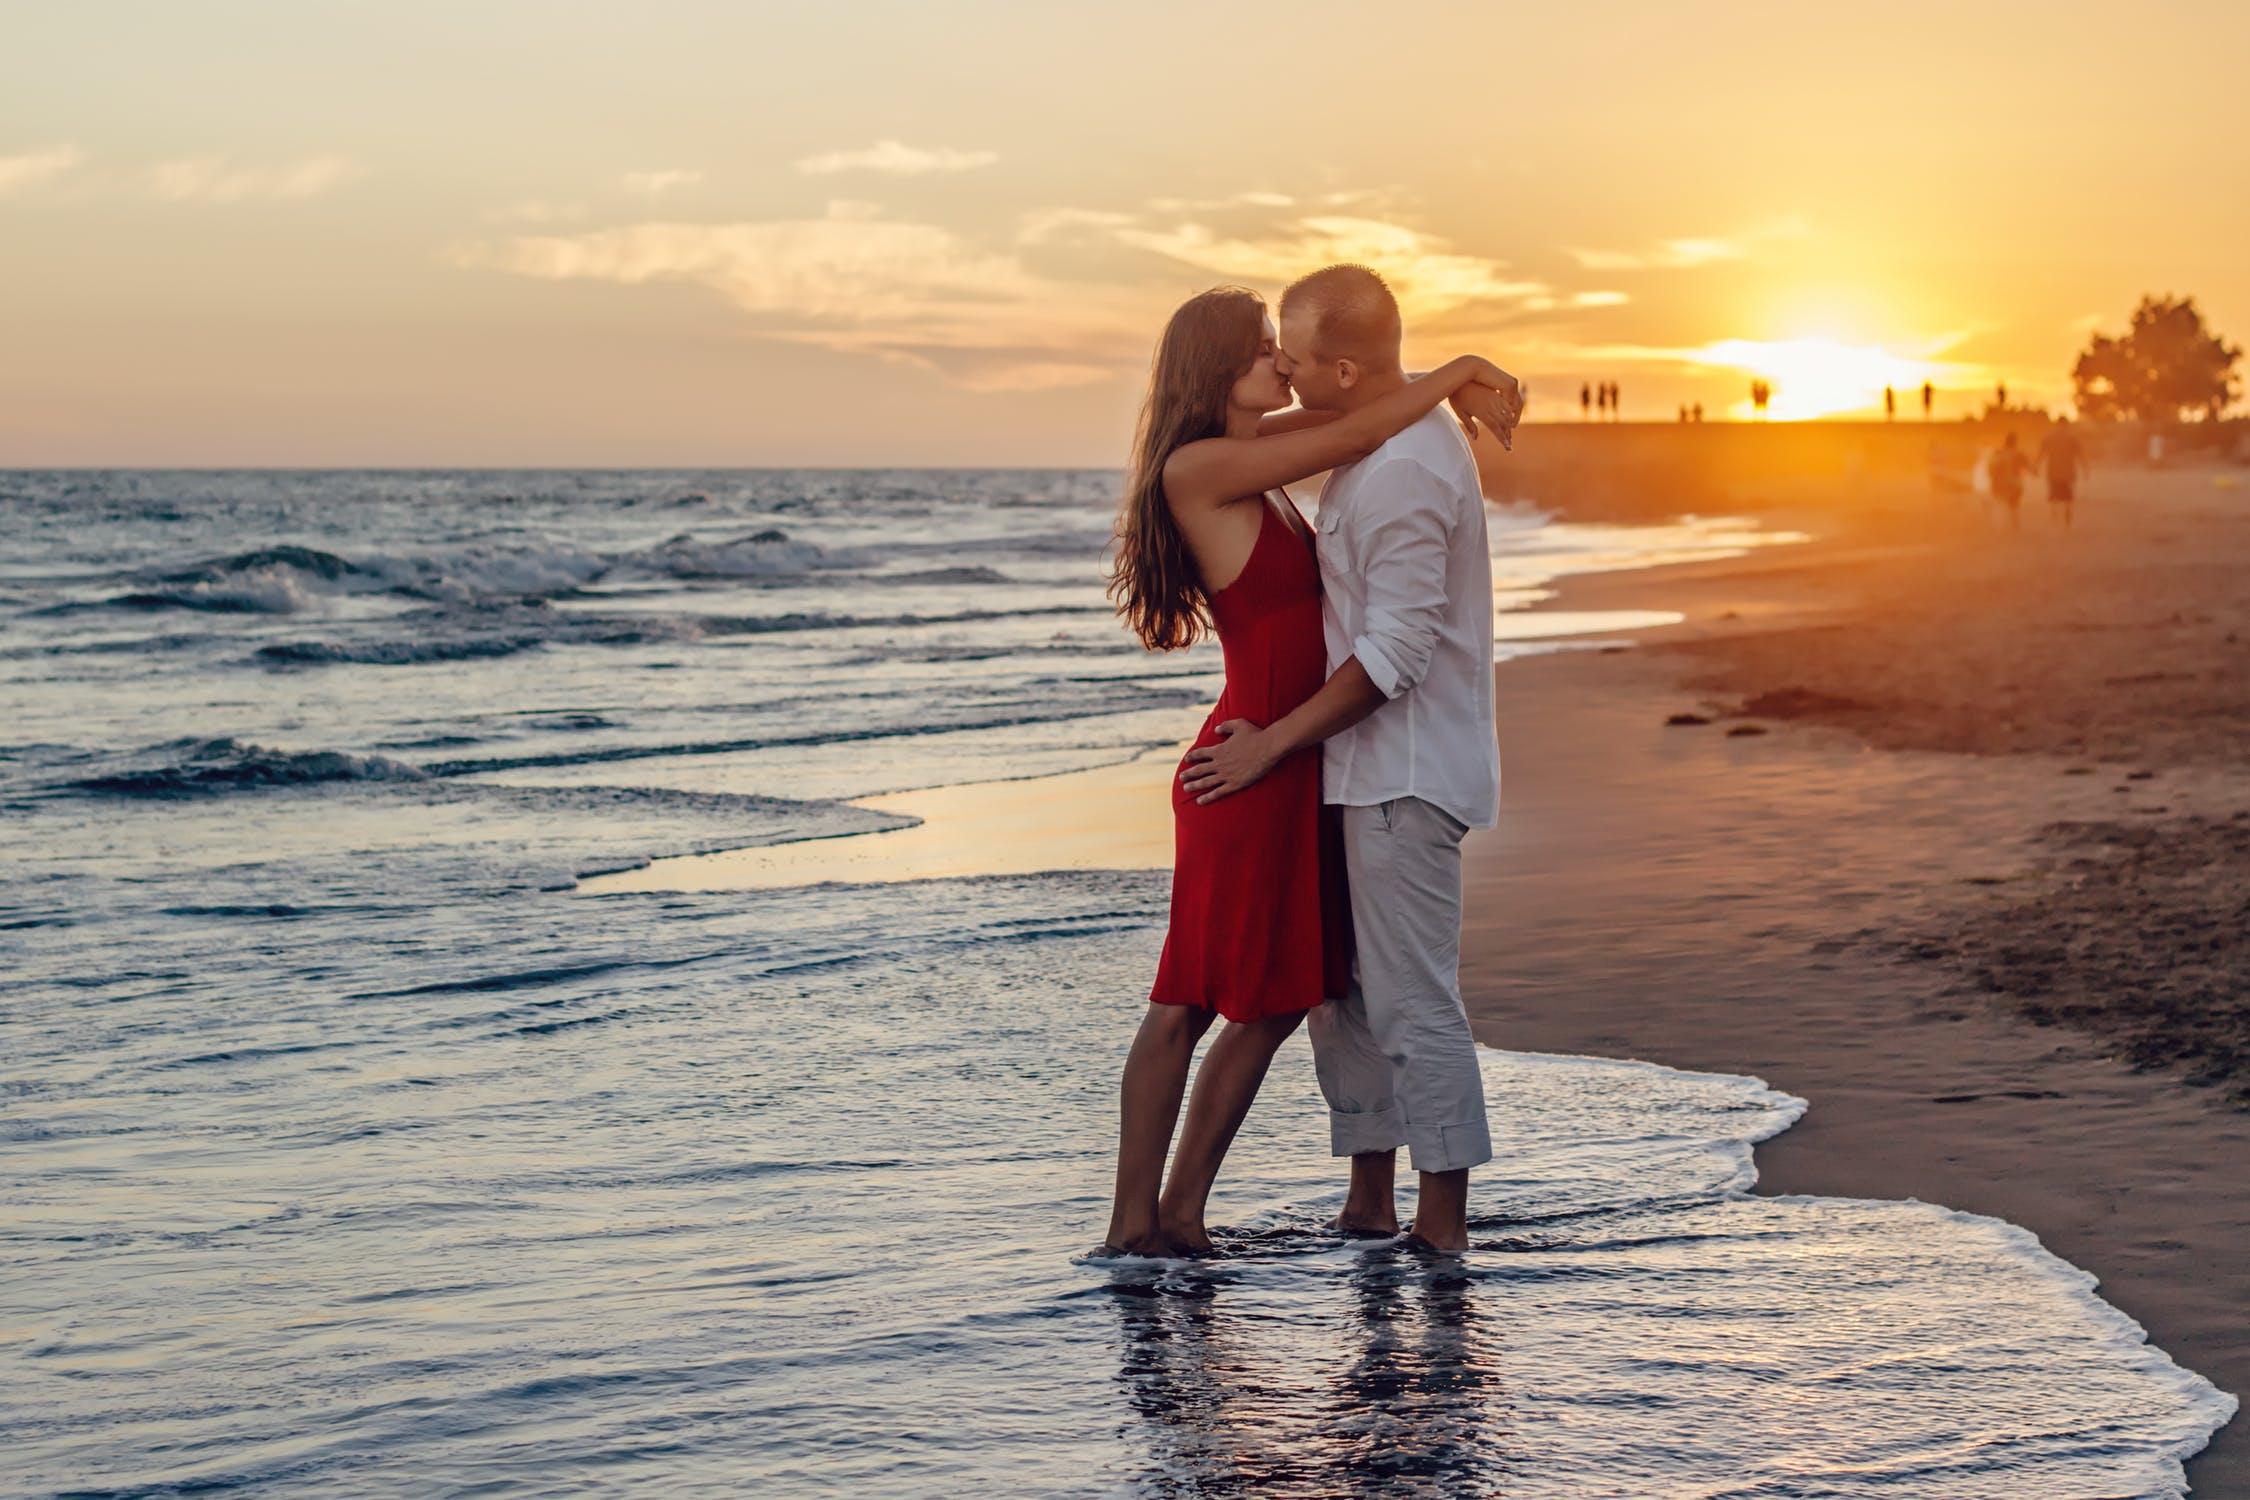 Hälsosam dating progression